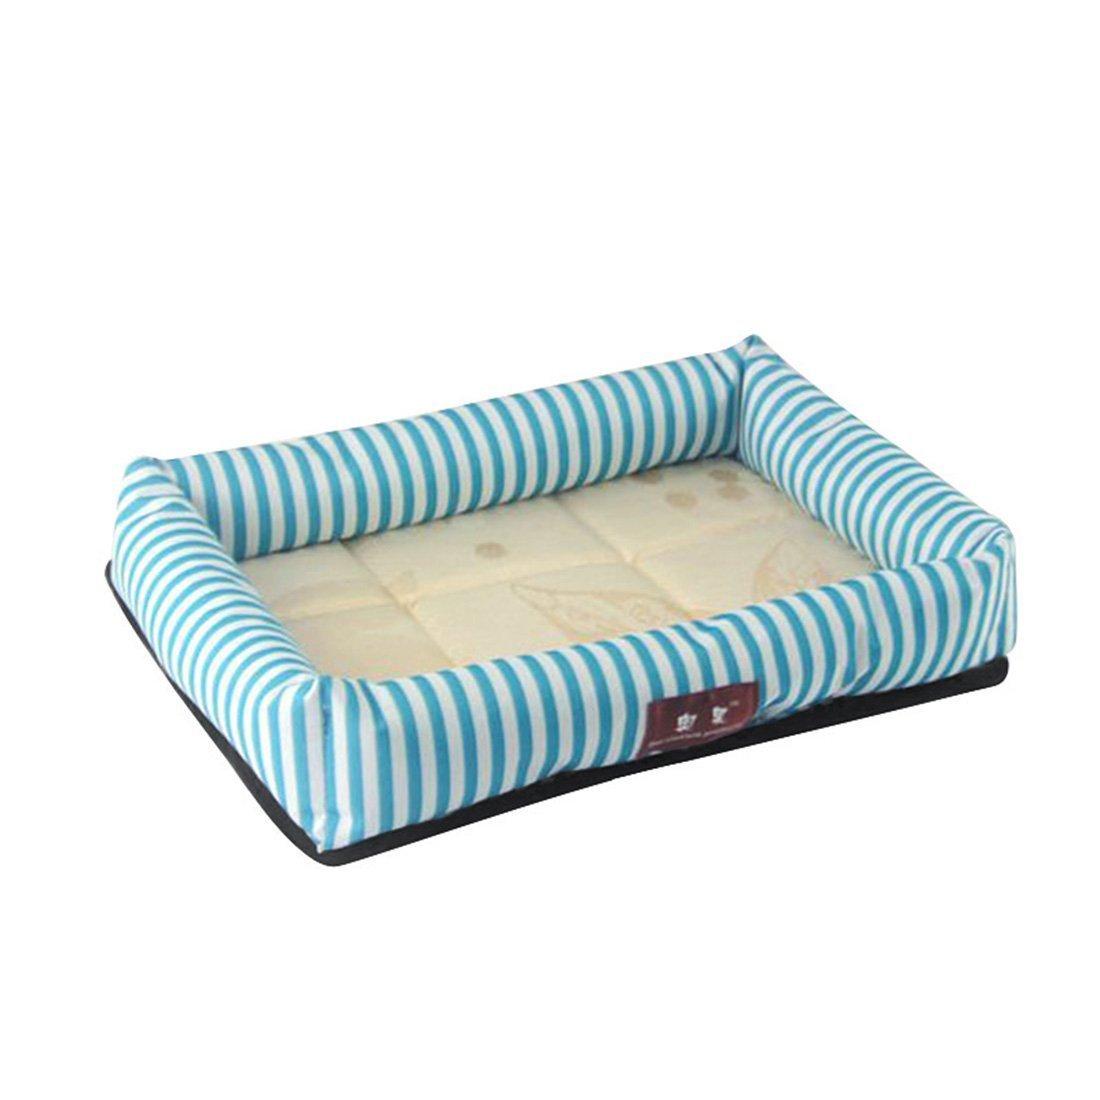 Xinjiener Cama para Perros de Verano Colchoneta para Dormir para Mascotas Colchoneta para Gatos Blue XL: Amazon.es: Productos para mascotas